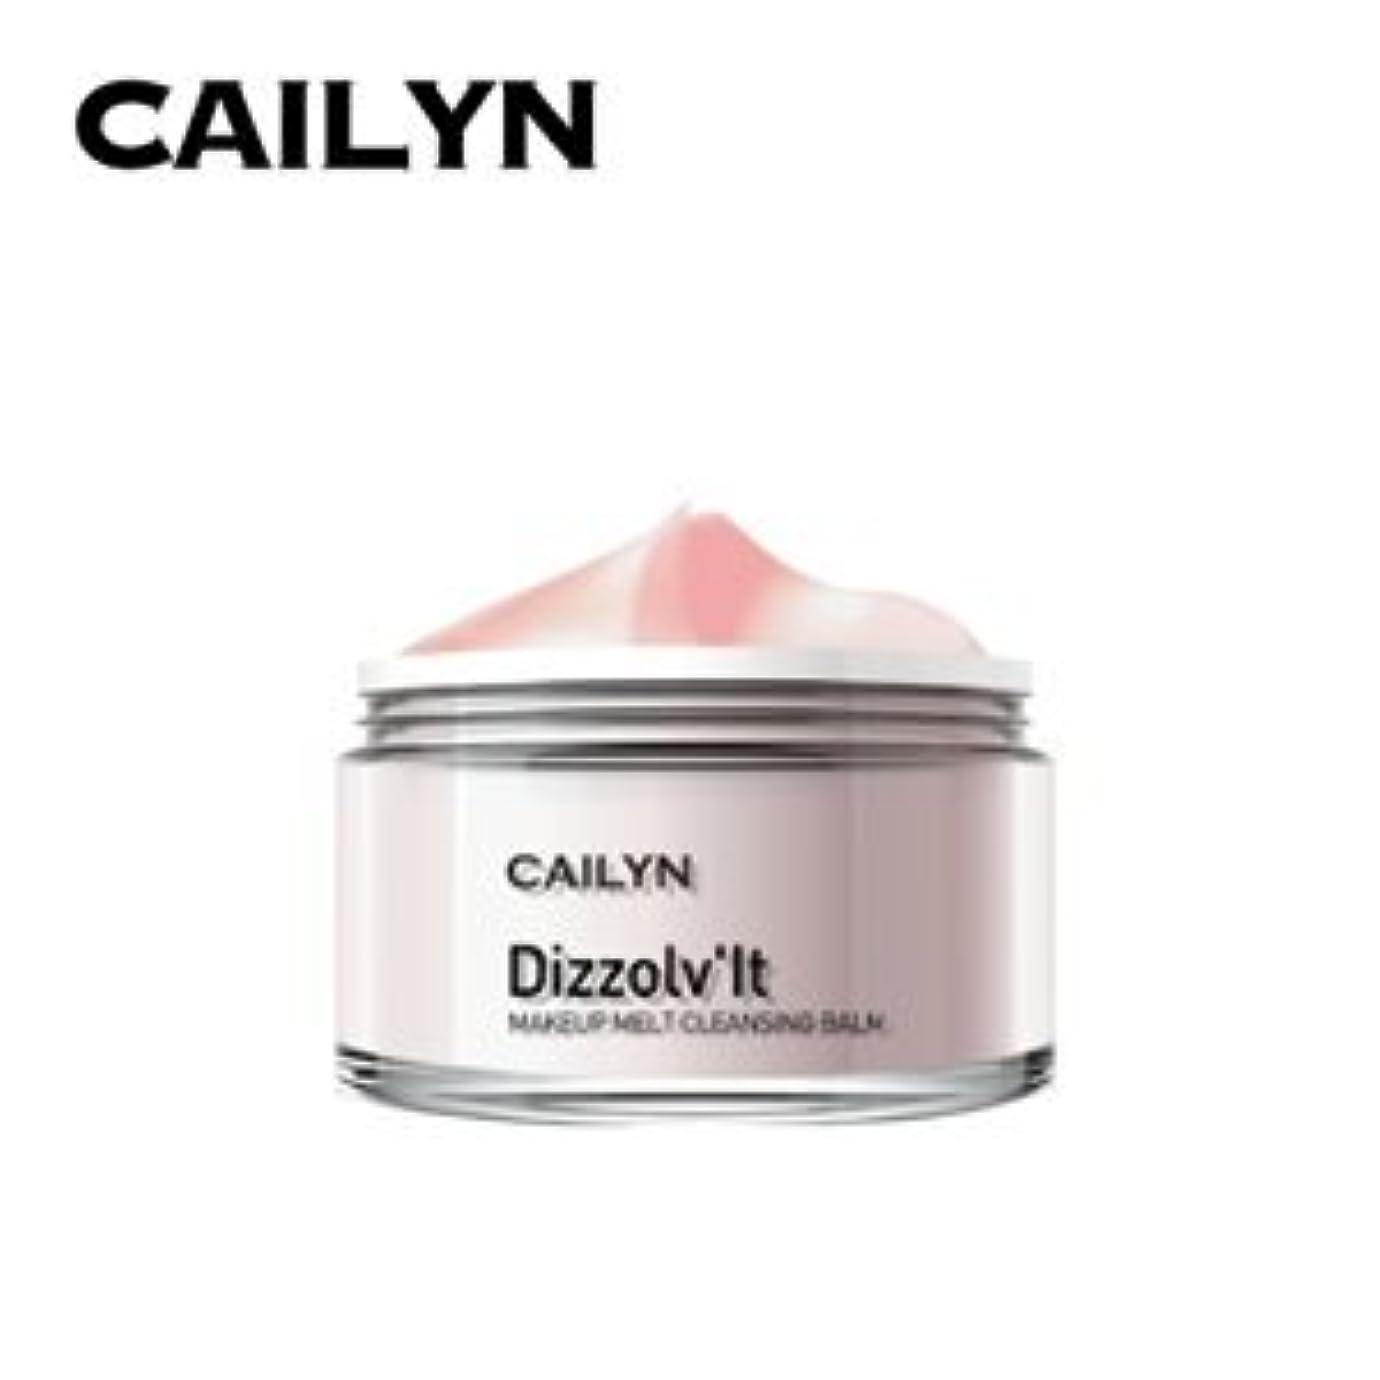 のホスト球体神CAILYN(ケイリン)DizzoLv'It Makeup Melt Cleansing Balm メイク落とし洗顔